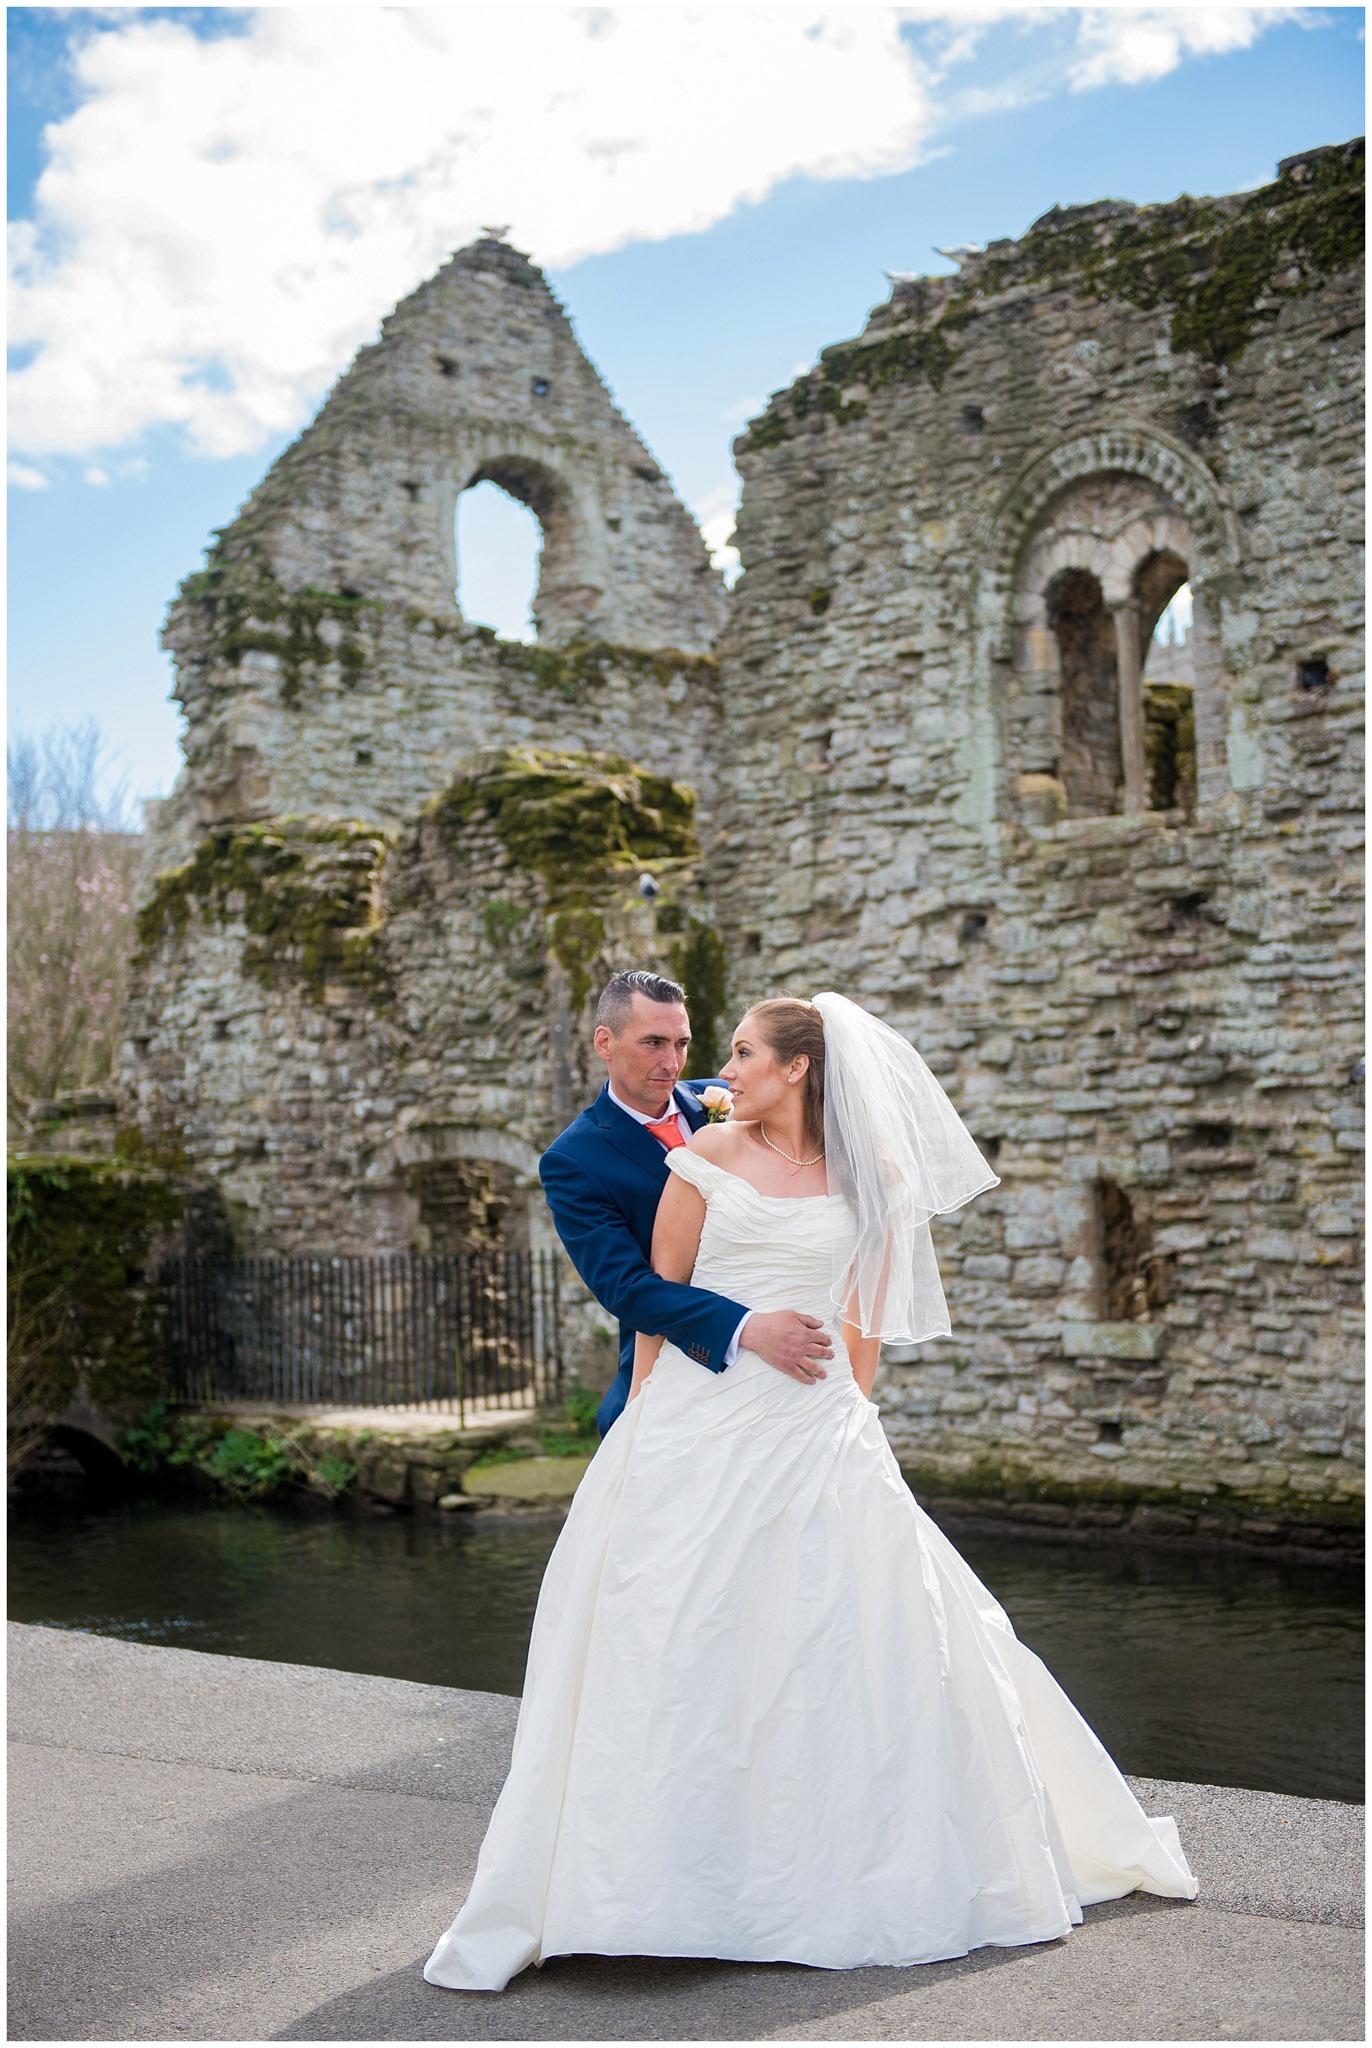 Katie-&-Steve-Victoria-Park-Methodist-Chruch-Winton-&-The-Manor-Burton-Christchurch-Wedding-33